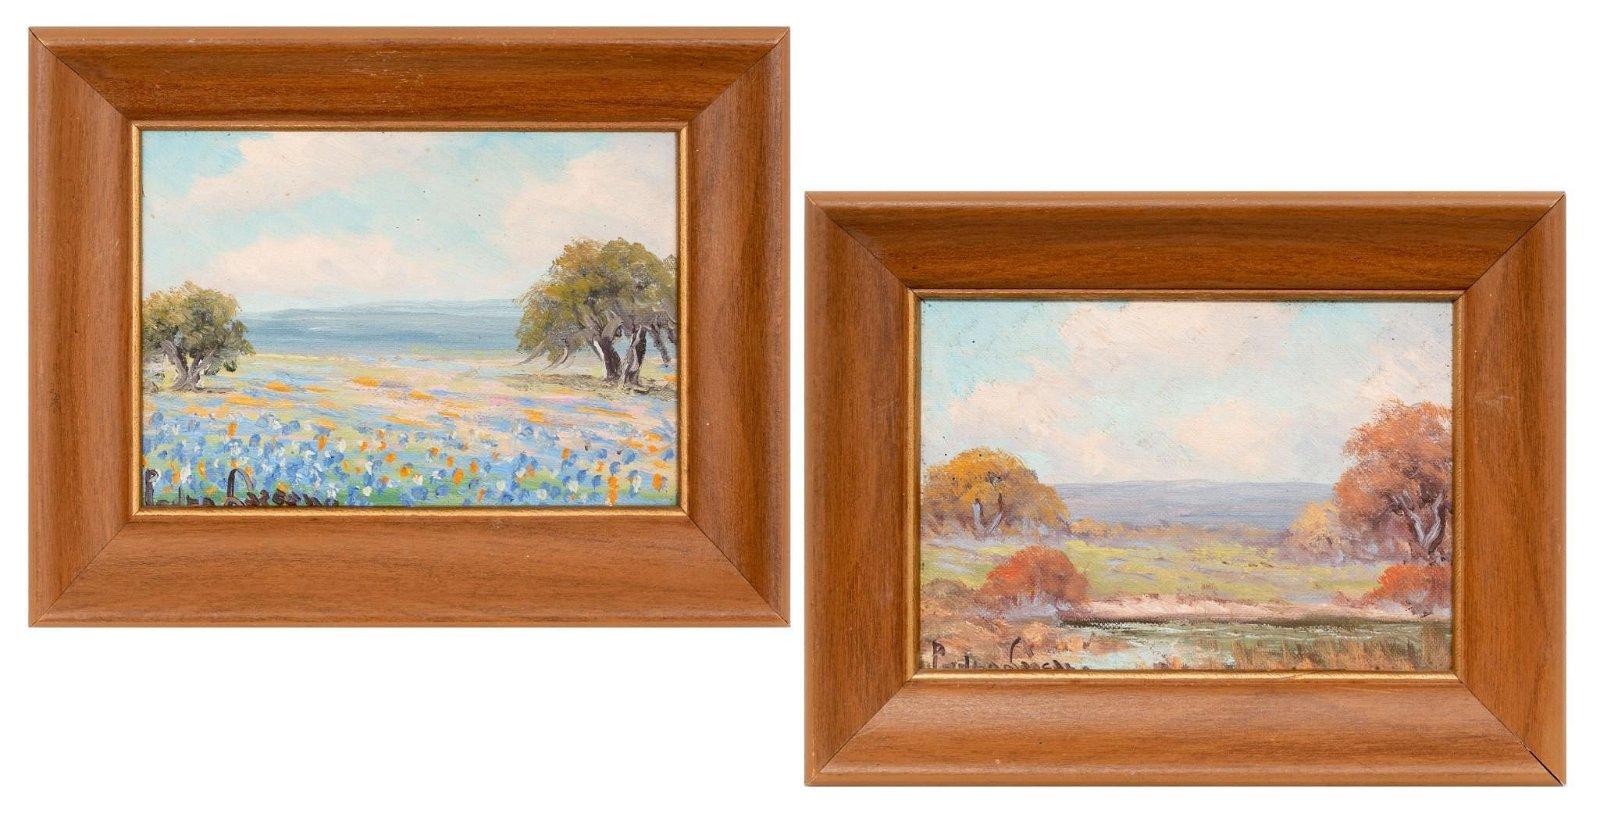 Pedro Lazcano (1909-1973), Pair of Paintings